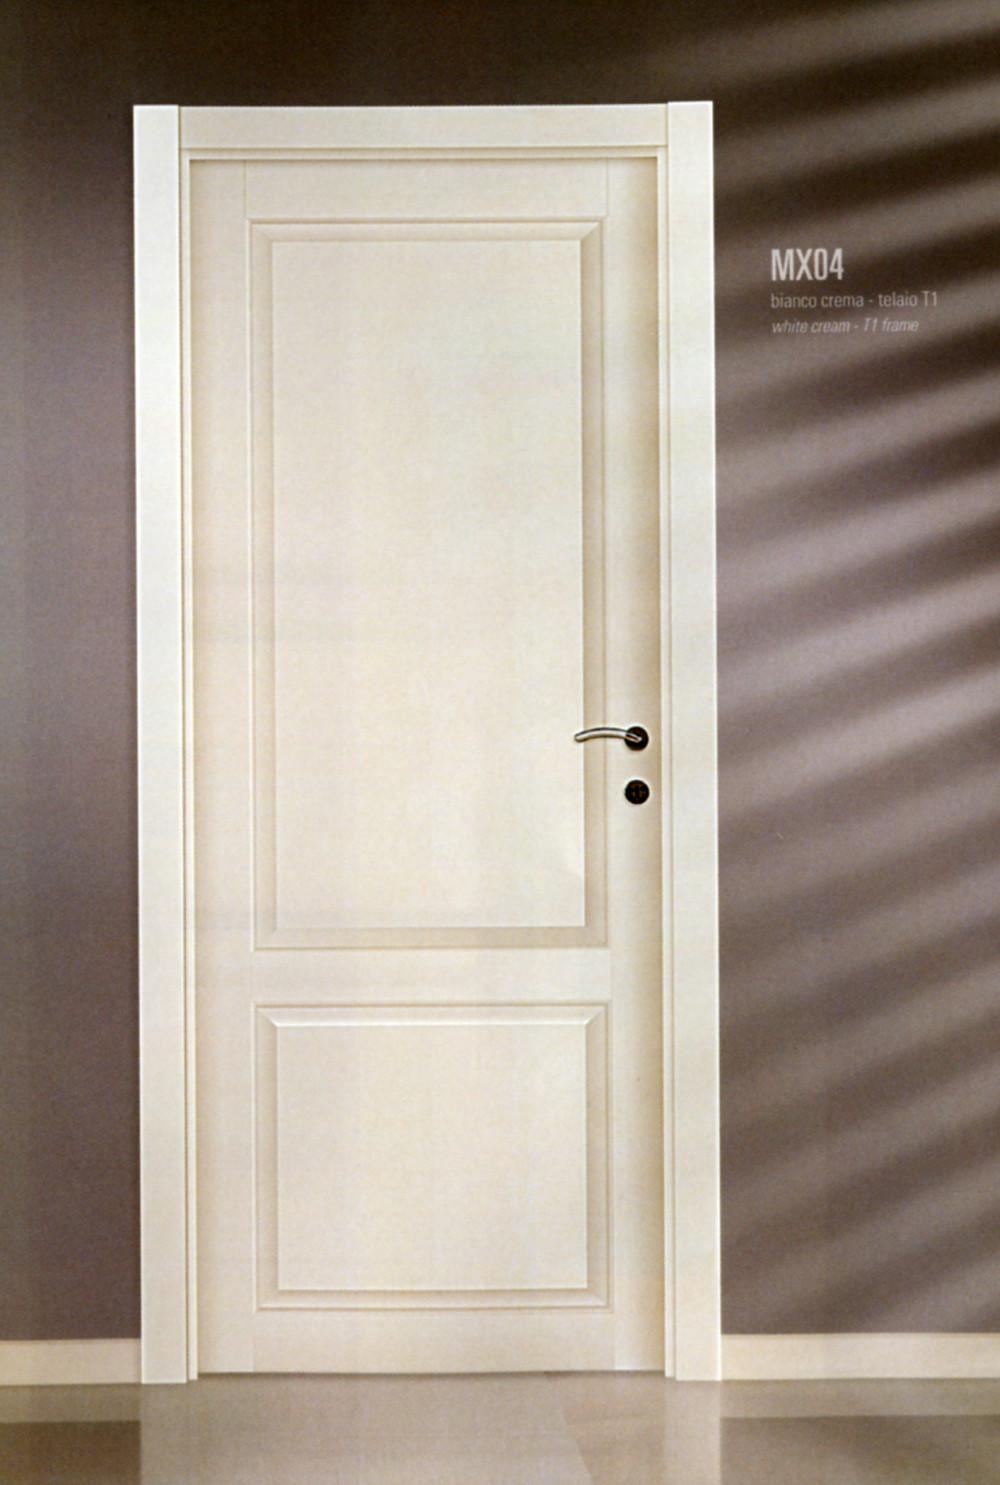 Porte Rovere Sbiancato Spazzolato porte interne | serramenti s.v. di arbasi